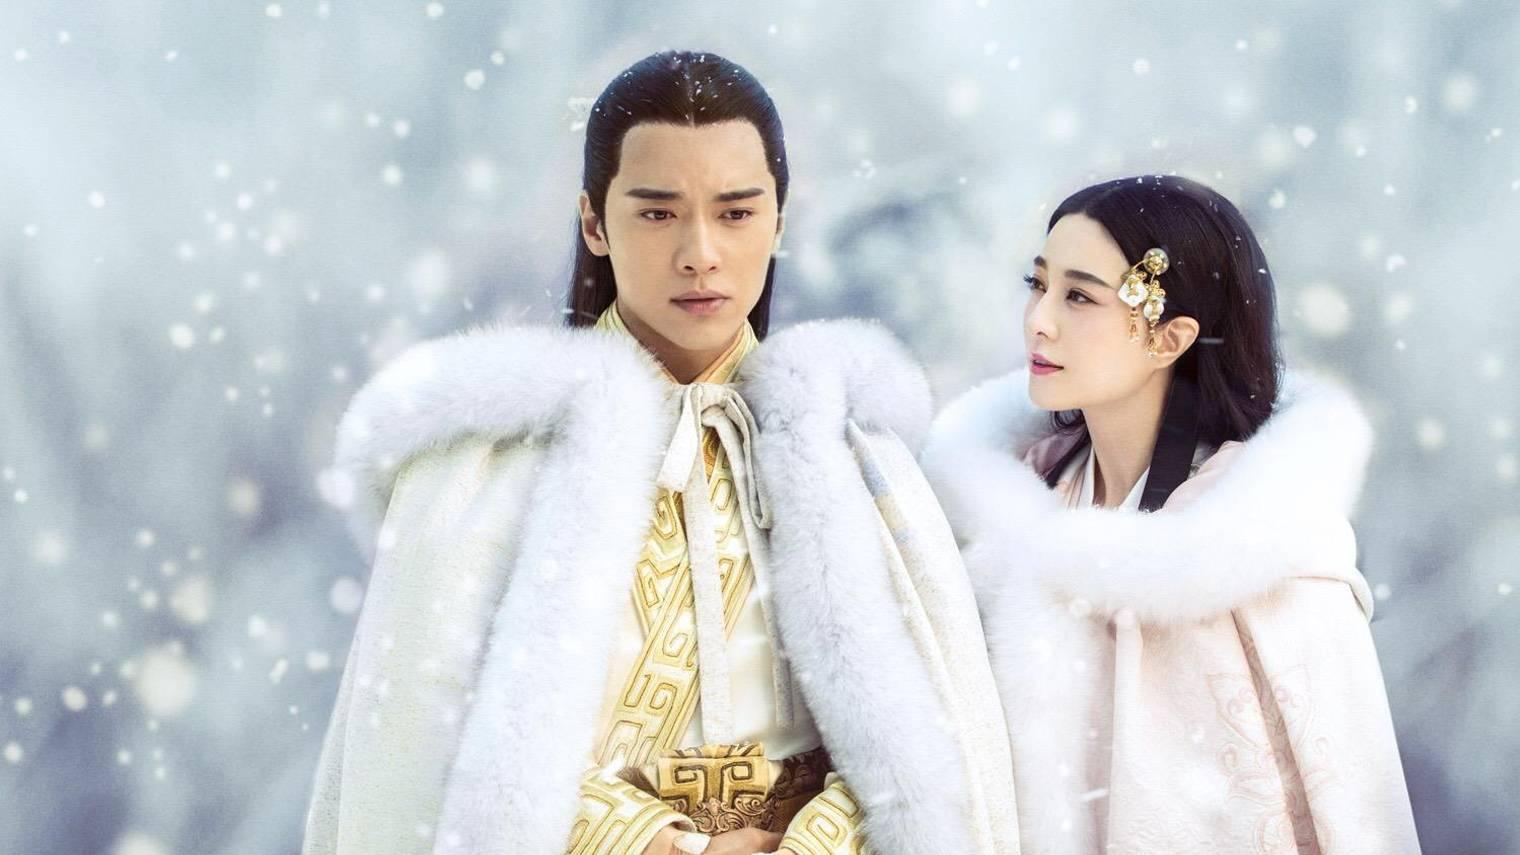 """高云翔被起诉、女主角""""退圈"""",这部投资超5.8亿的剧还能播吗"""